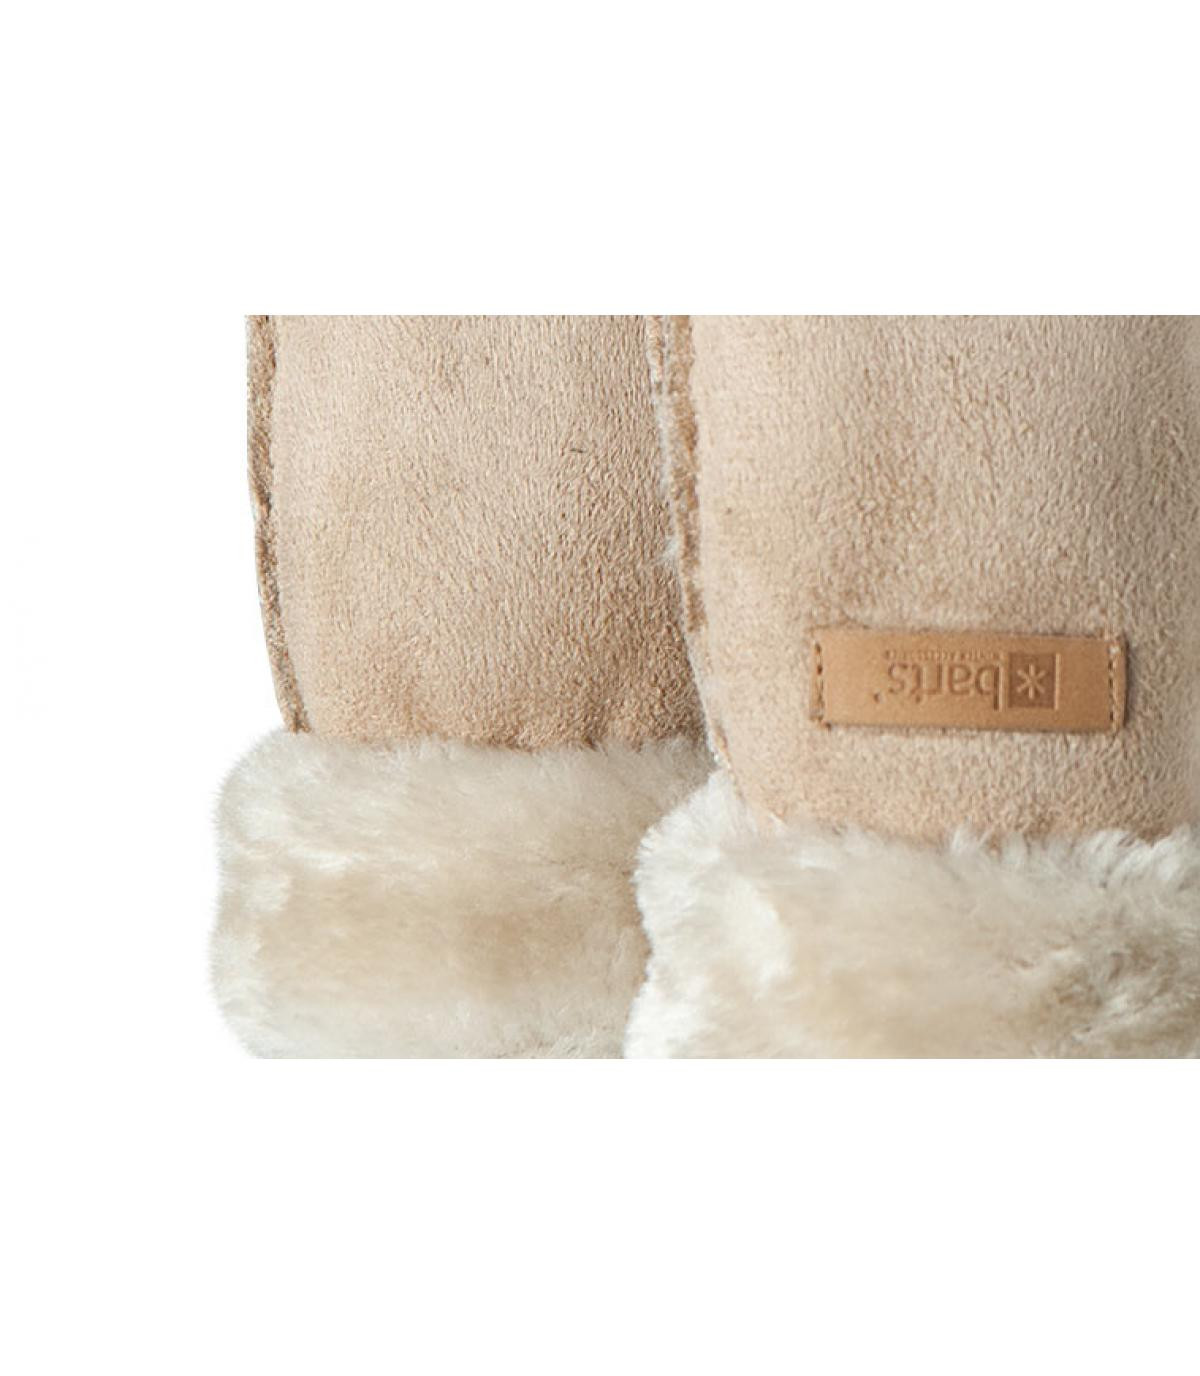 chapka chaussons bebe kikku pack par barts. Black Bedroom Furniture Sets. Home Design Ideas